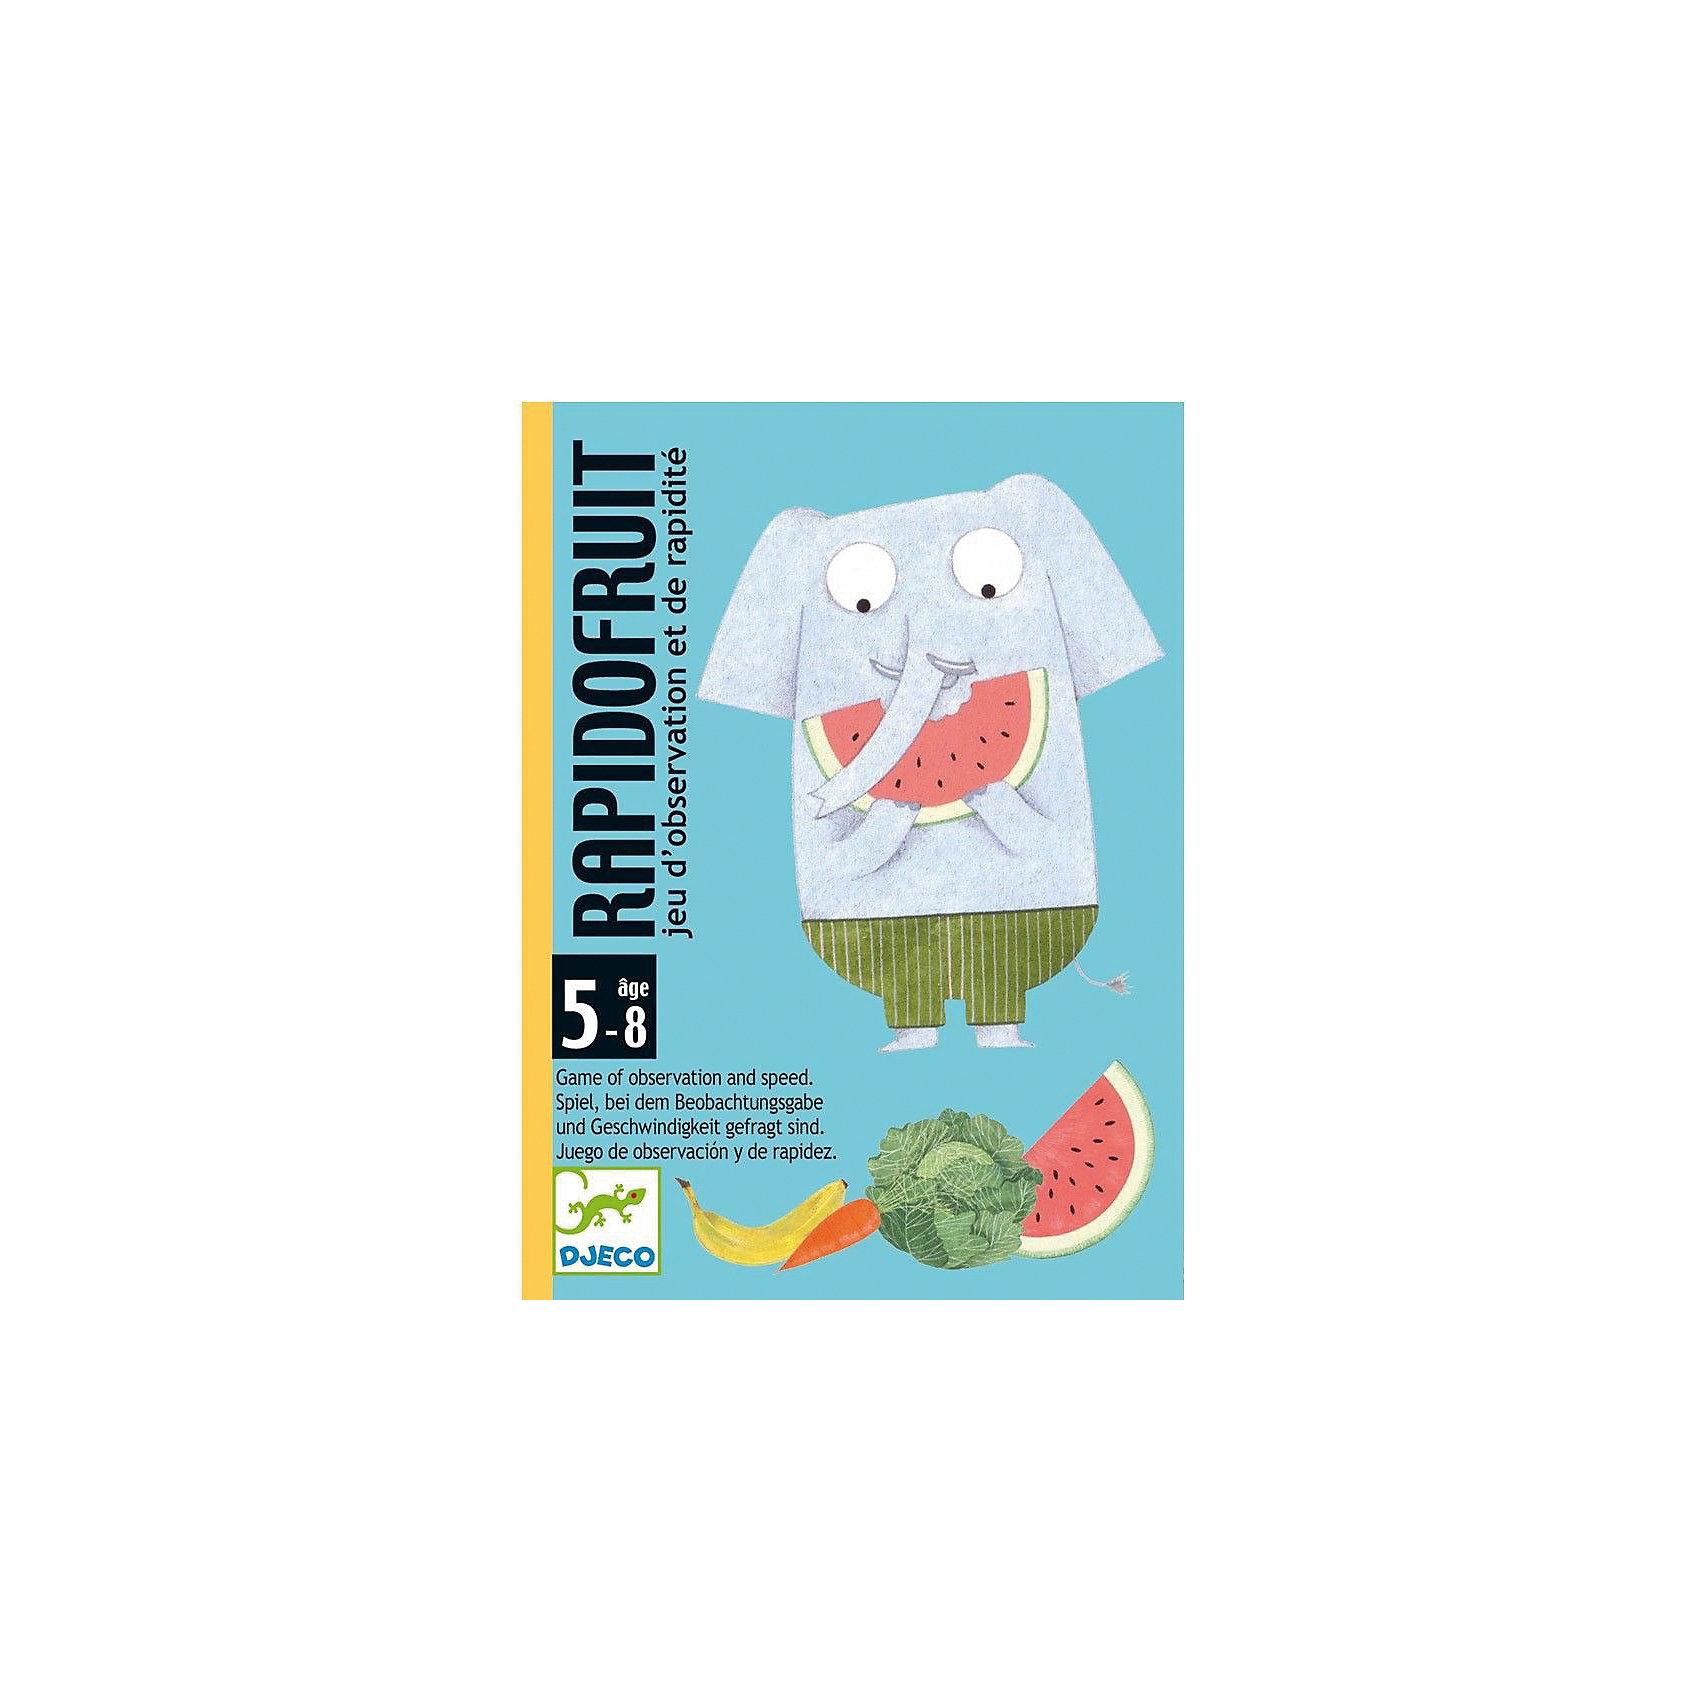 Карточная игра Быстрые фрукты, DJECOКарточные игры<br>Детская карточная игра Шляпа волшебника от французского производителя Djeco - увлекательная игры для детей и взрослых на скорость и сообразительность. <br><br>Правила игры Шляпа волшебника: <br><br>Целью игры является запомнить карточки. <br><br>Игрокам раздаётся по 3 карточки, которые они просматривают и кладут лицевой стороной вниз. Затем каждый игрок по очереди должен назвать цвет карточки, лежащей сверху. Если цвет назван правильно, игрок имеет право забрать карточку себе. Если же нет, то он кладет ее в общую колоду. Запас карт у игроков постоянно пополняется - они берутся из общей колоды и кладутся в низ стопки. <br><br>На некоторых картах содержится изображение шляпы волшебника: если игроку попадается такая карта, то все участники должны стукнуть ладонью по центру стола. Тот, кто сделал это последним, в качестве штрафа отдает одну из выигранных карточек. То же происходит, если кто-то ударил ладонью по столу по ошибке (на карте не было изображения шляпы волшебника). Также, для усложнения игры, на картах изображены различные значки: увидев их, участники должны совершить определенные действия, например, взять еще одну карточку из общей колоды, поменяться своими карточками с игроком слева и так далее. <br><br>Игра заканчивается, когда заканчиваются карточки в общей колоде. Победителем считается набравший больше всего карточек. <br><br>Изображения на карточках очень красочные и необычные. Малышам обязательно понравится не только играть с ними, но и рассматривать красивые картинки. <br><br>Игра продается в красочной яркой коробке, в которой можно хранить карточки. Игру удобно брать с собой в поездку или в гости. <br><br>Игра Шляпа волшебника прекрасно развивает быстроту реакции и наблюдательность ребенка, она станет прекрасным развлечением во время семейных вечером, а также подойдет для любого детского праздника. <br><br>Количество игроков: 2-4 человека.<br>Рекомендована для детей от 6 лет.<br>Ориентировочное вре